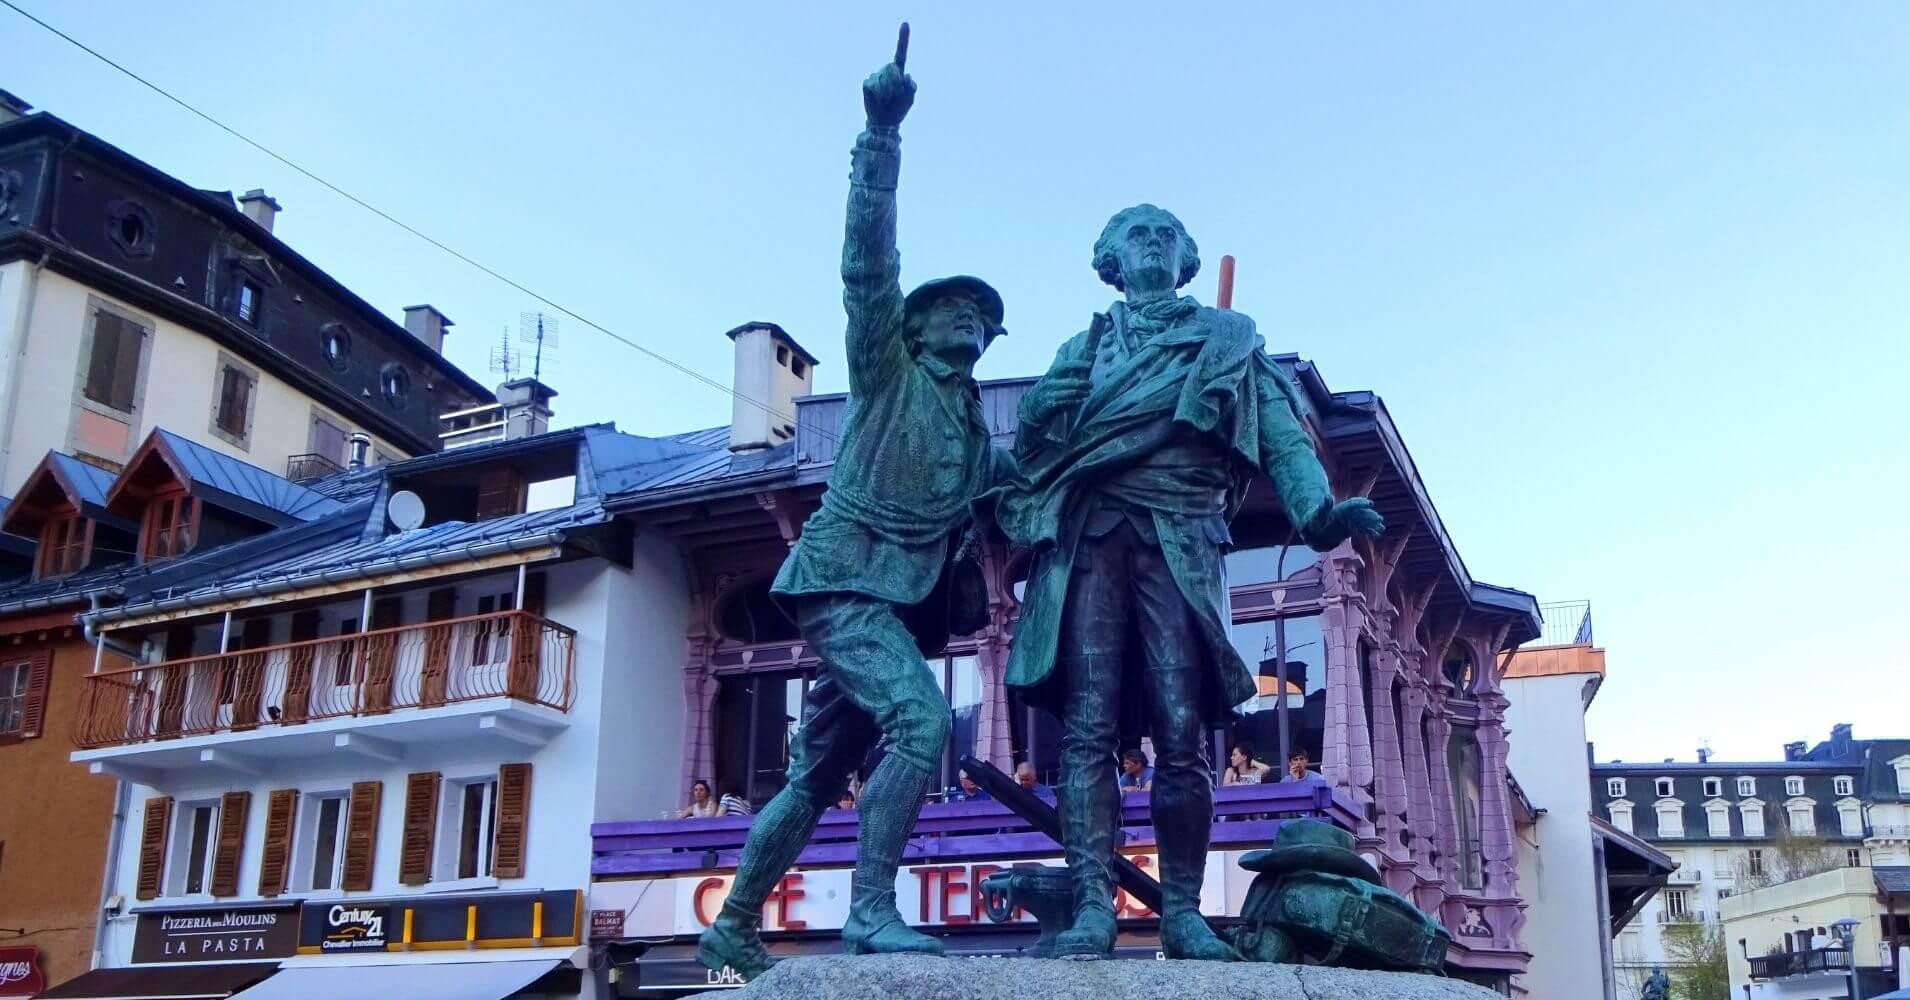 Monumento a Horace-Bénédict de Saussure y Jacques Balmat mirando la Cima del Mont Blanc en Chamonix.